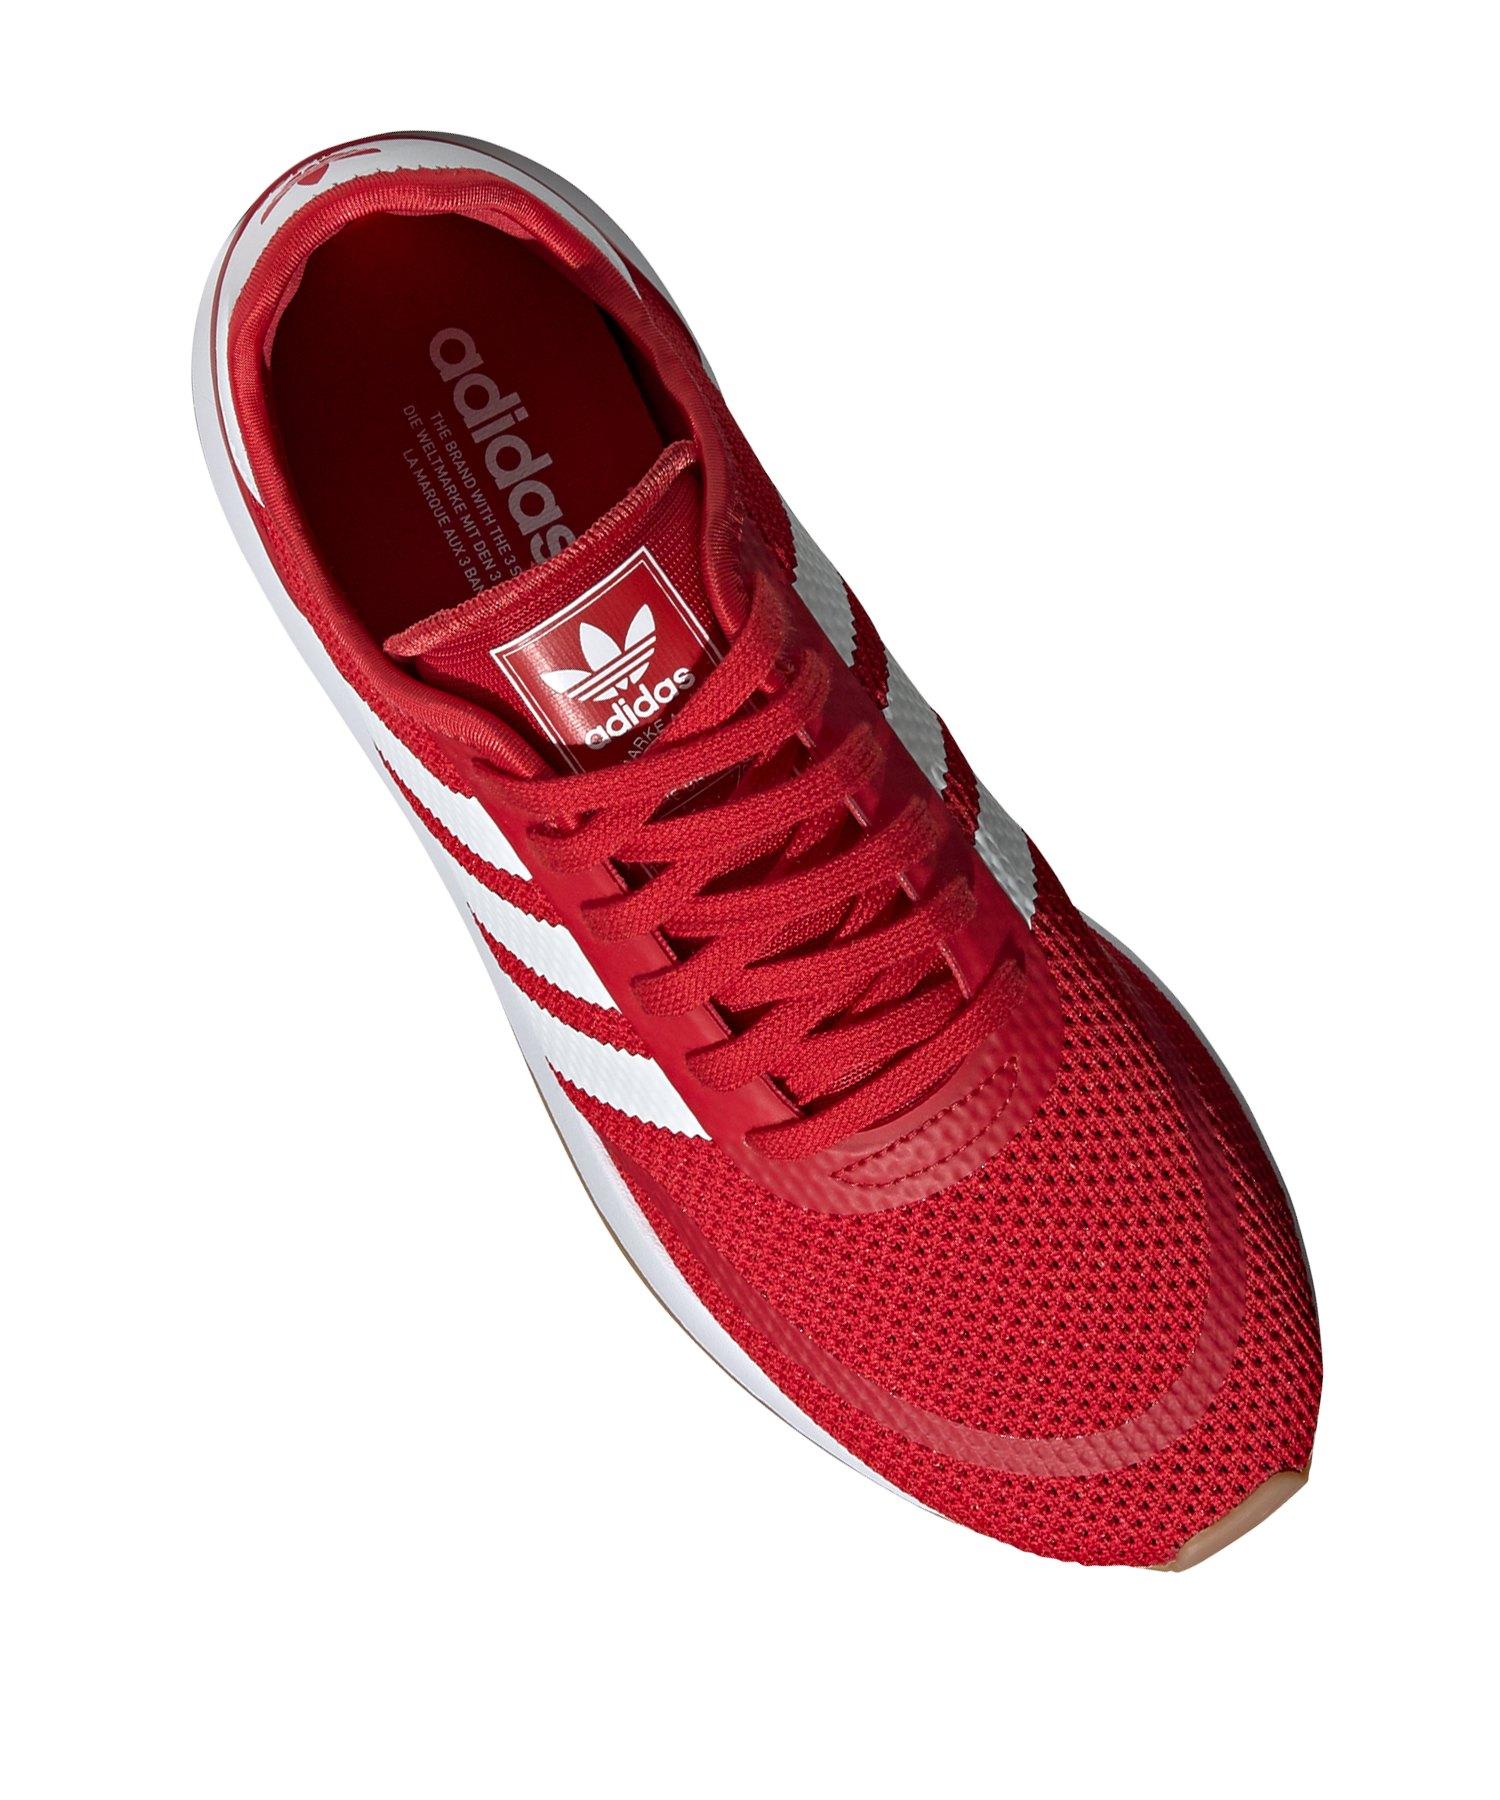 adidas Originals N-5923 Sneaker Rot Weiss